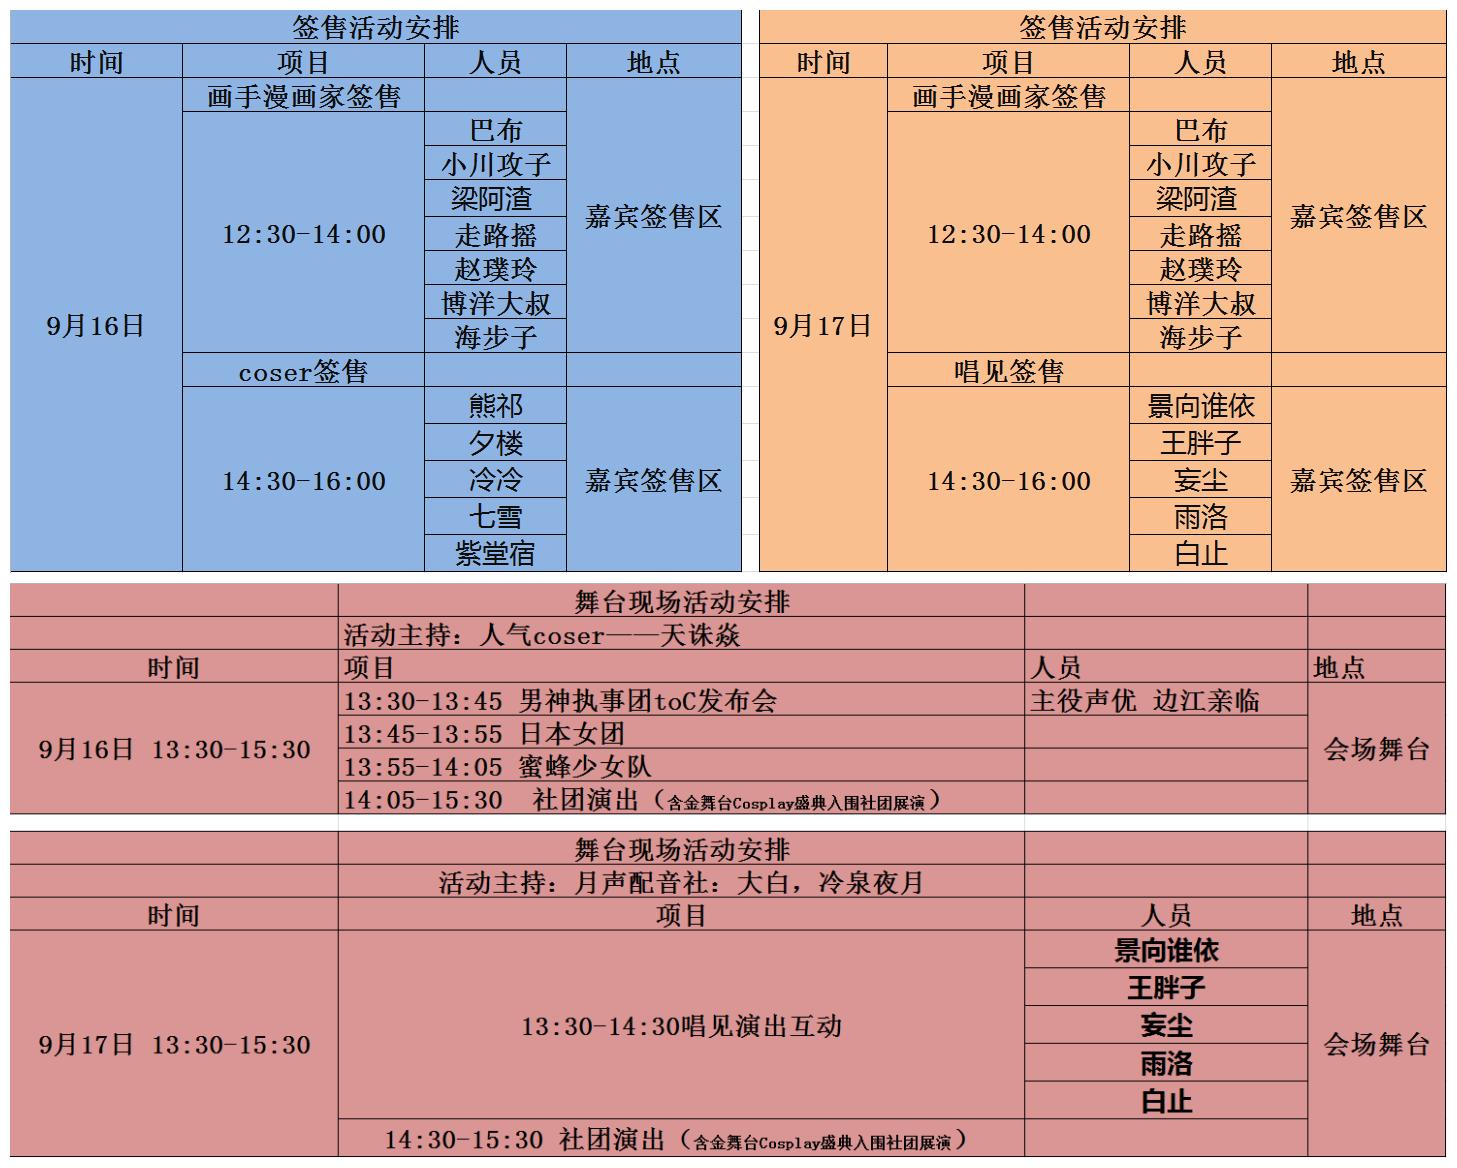 【北京】9月16-17日元气动漫展, coser唱见同人画手超级大放送,更有神秘嘉宾等你揭秘!